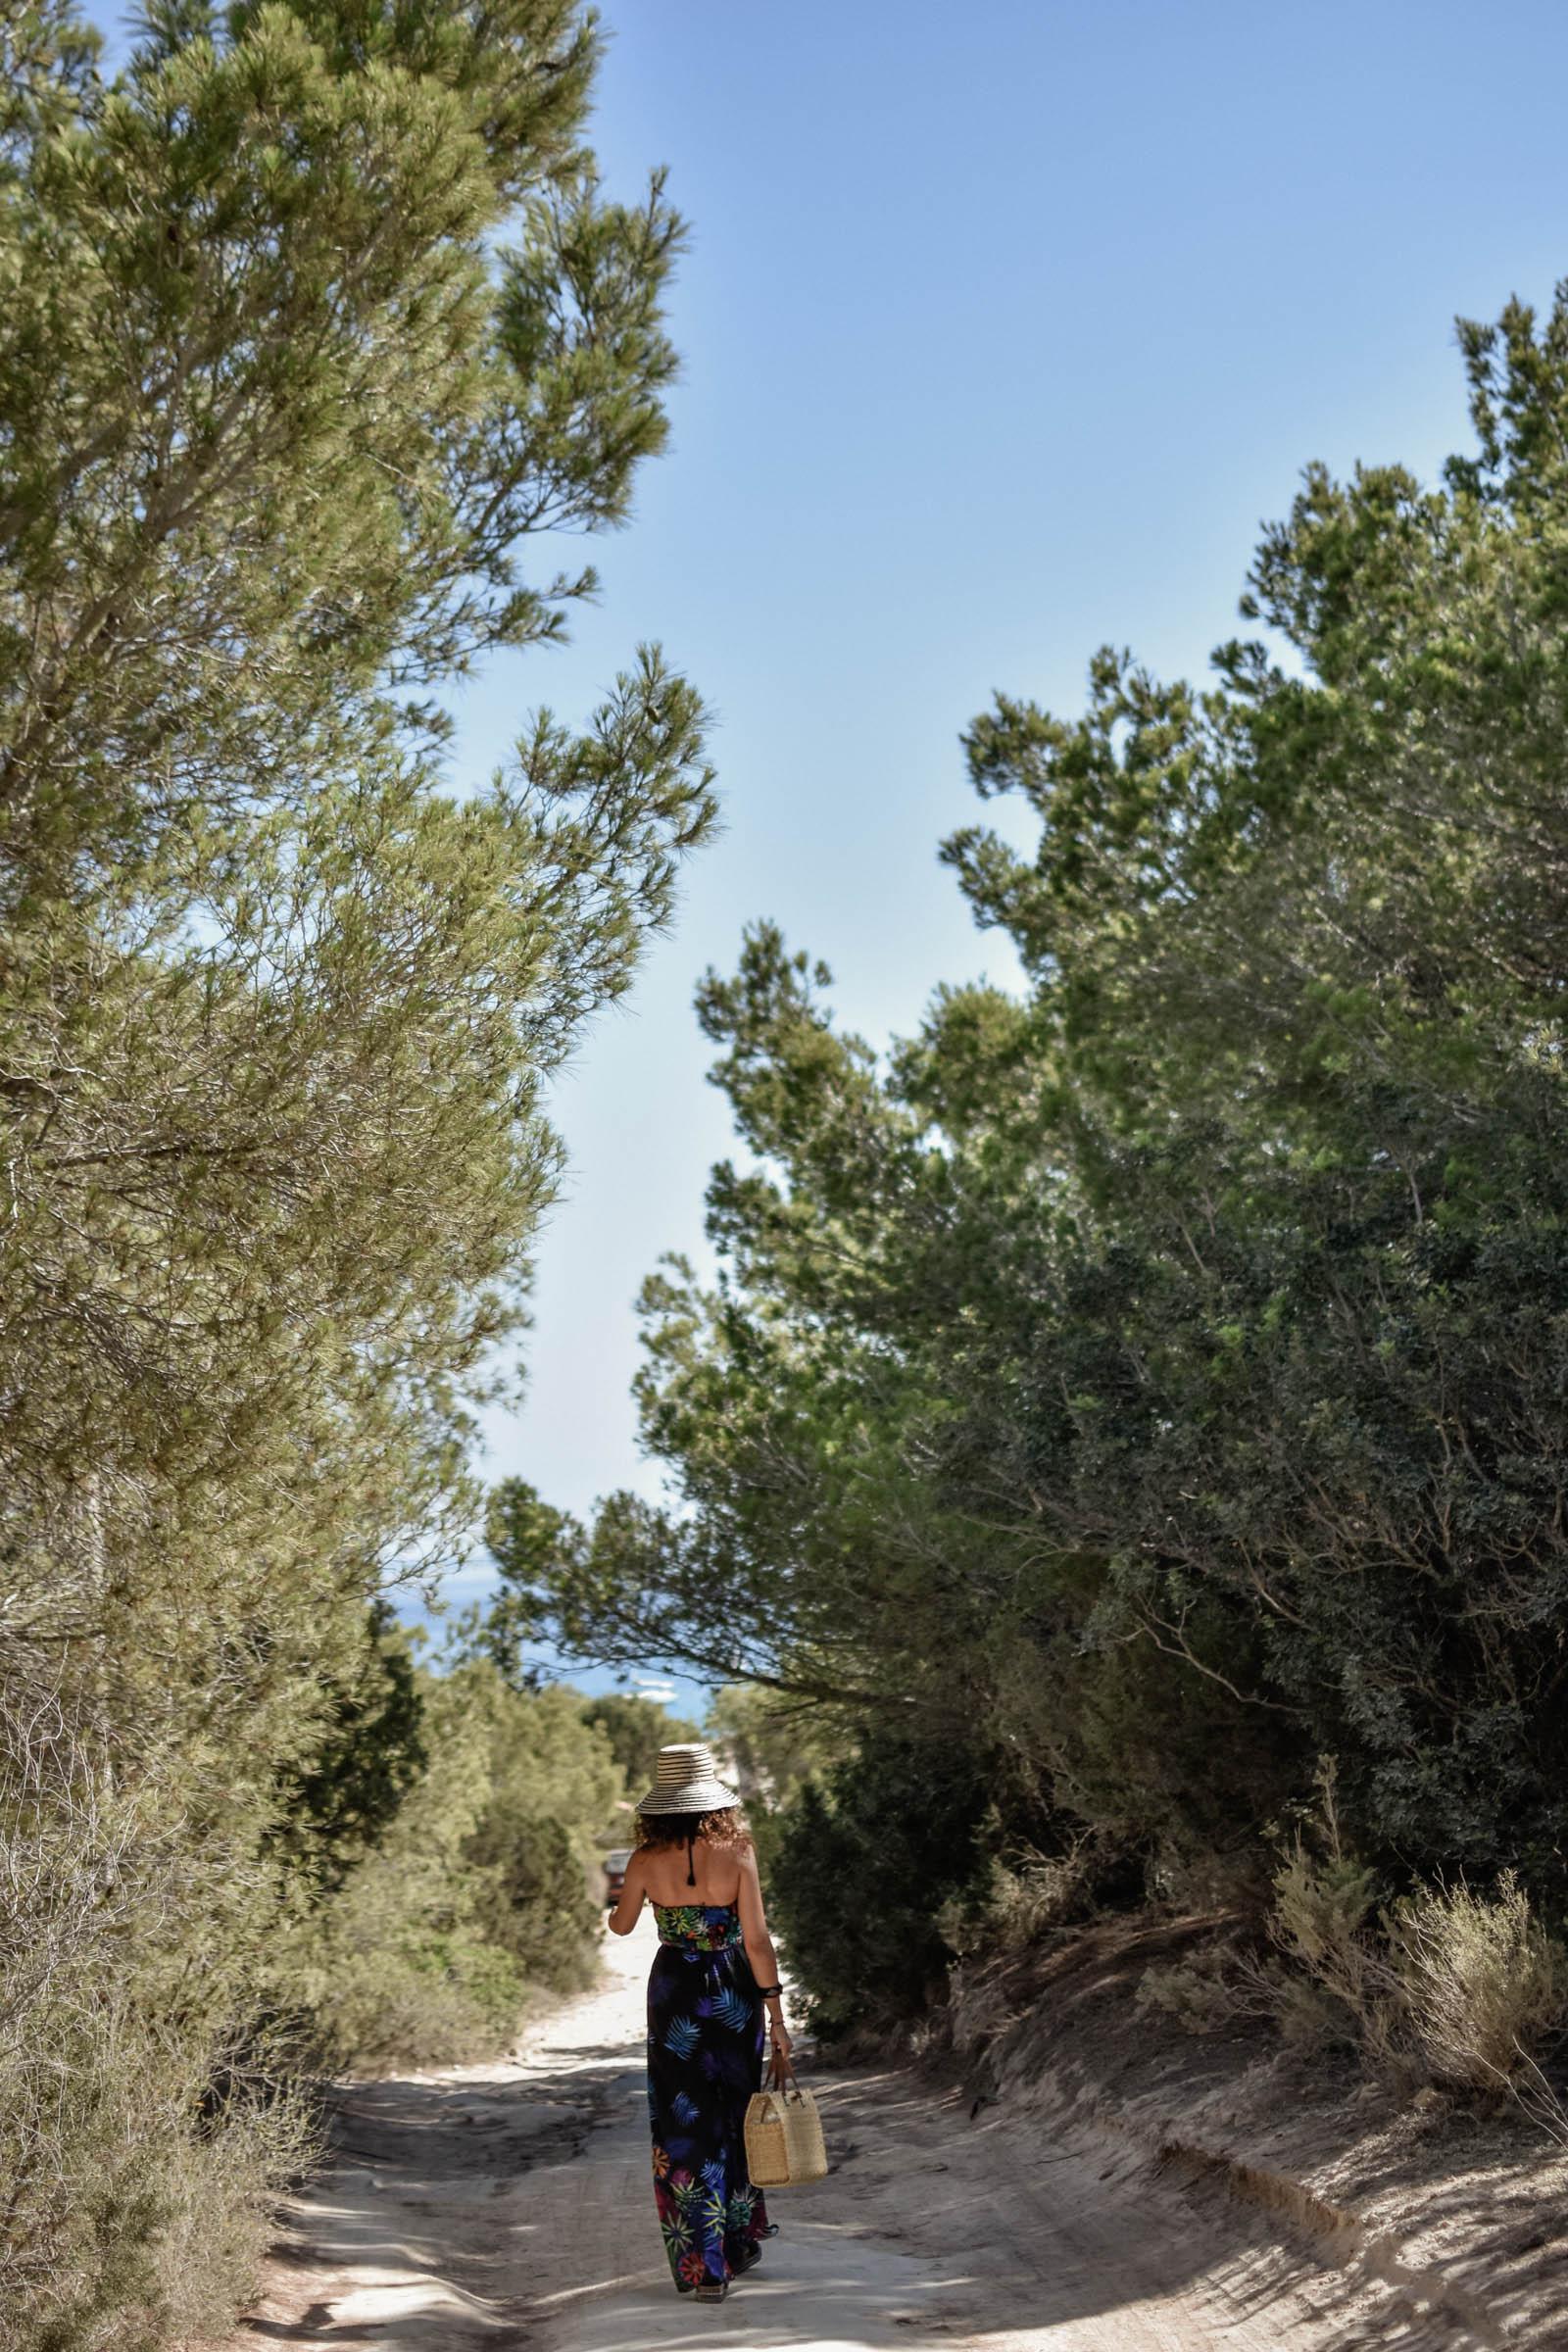 el-blog-de-silvia-rodriguez-lifestyle-travel-blogger-verano-vacaciones-en-Formentera-donde-desayunar-holidays